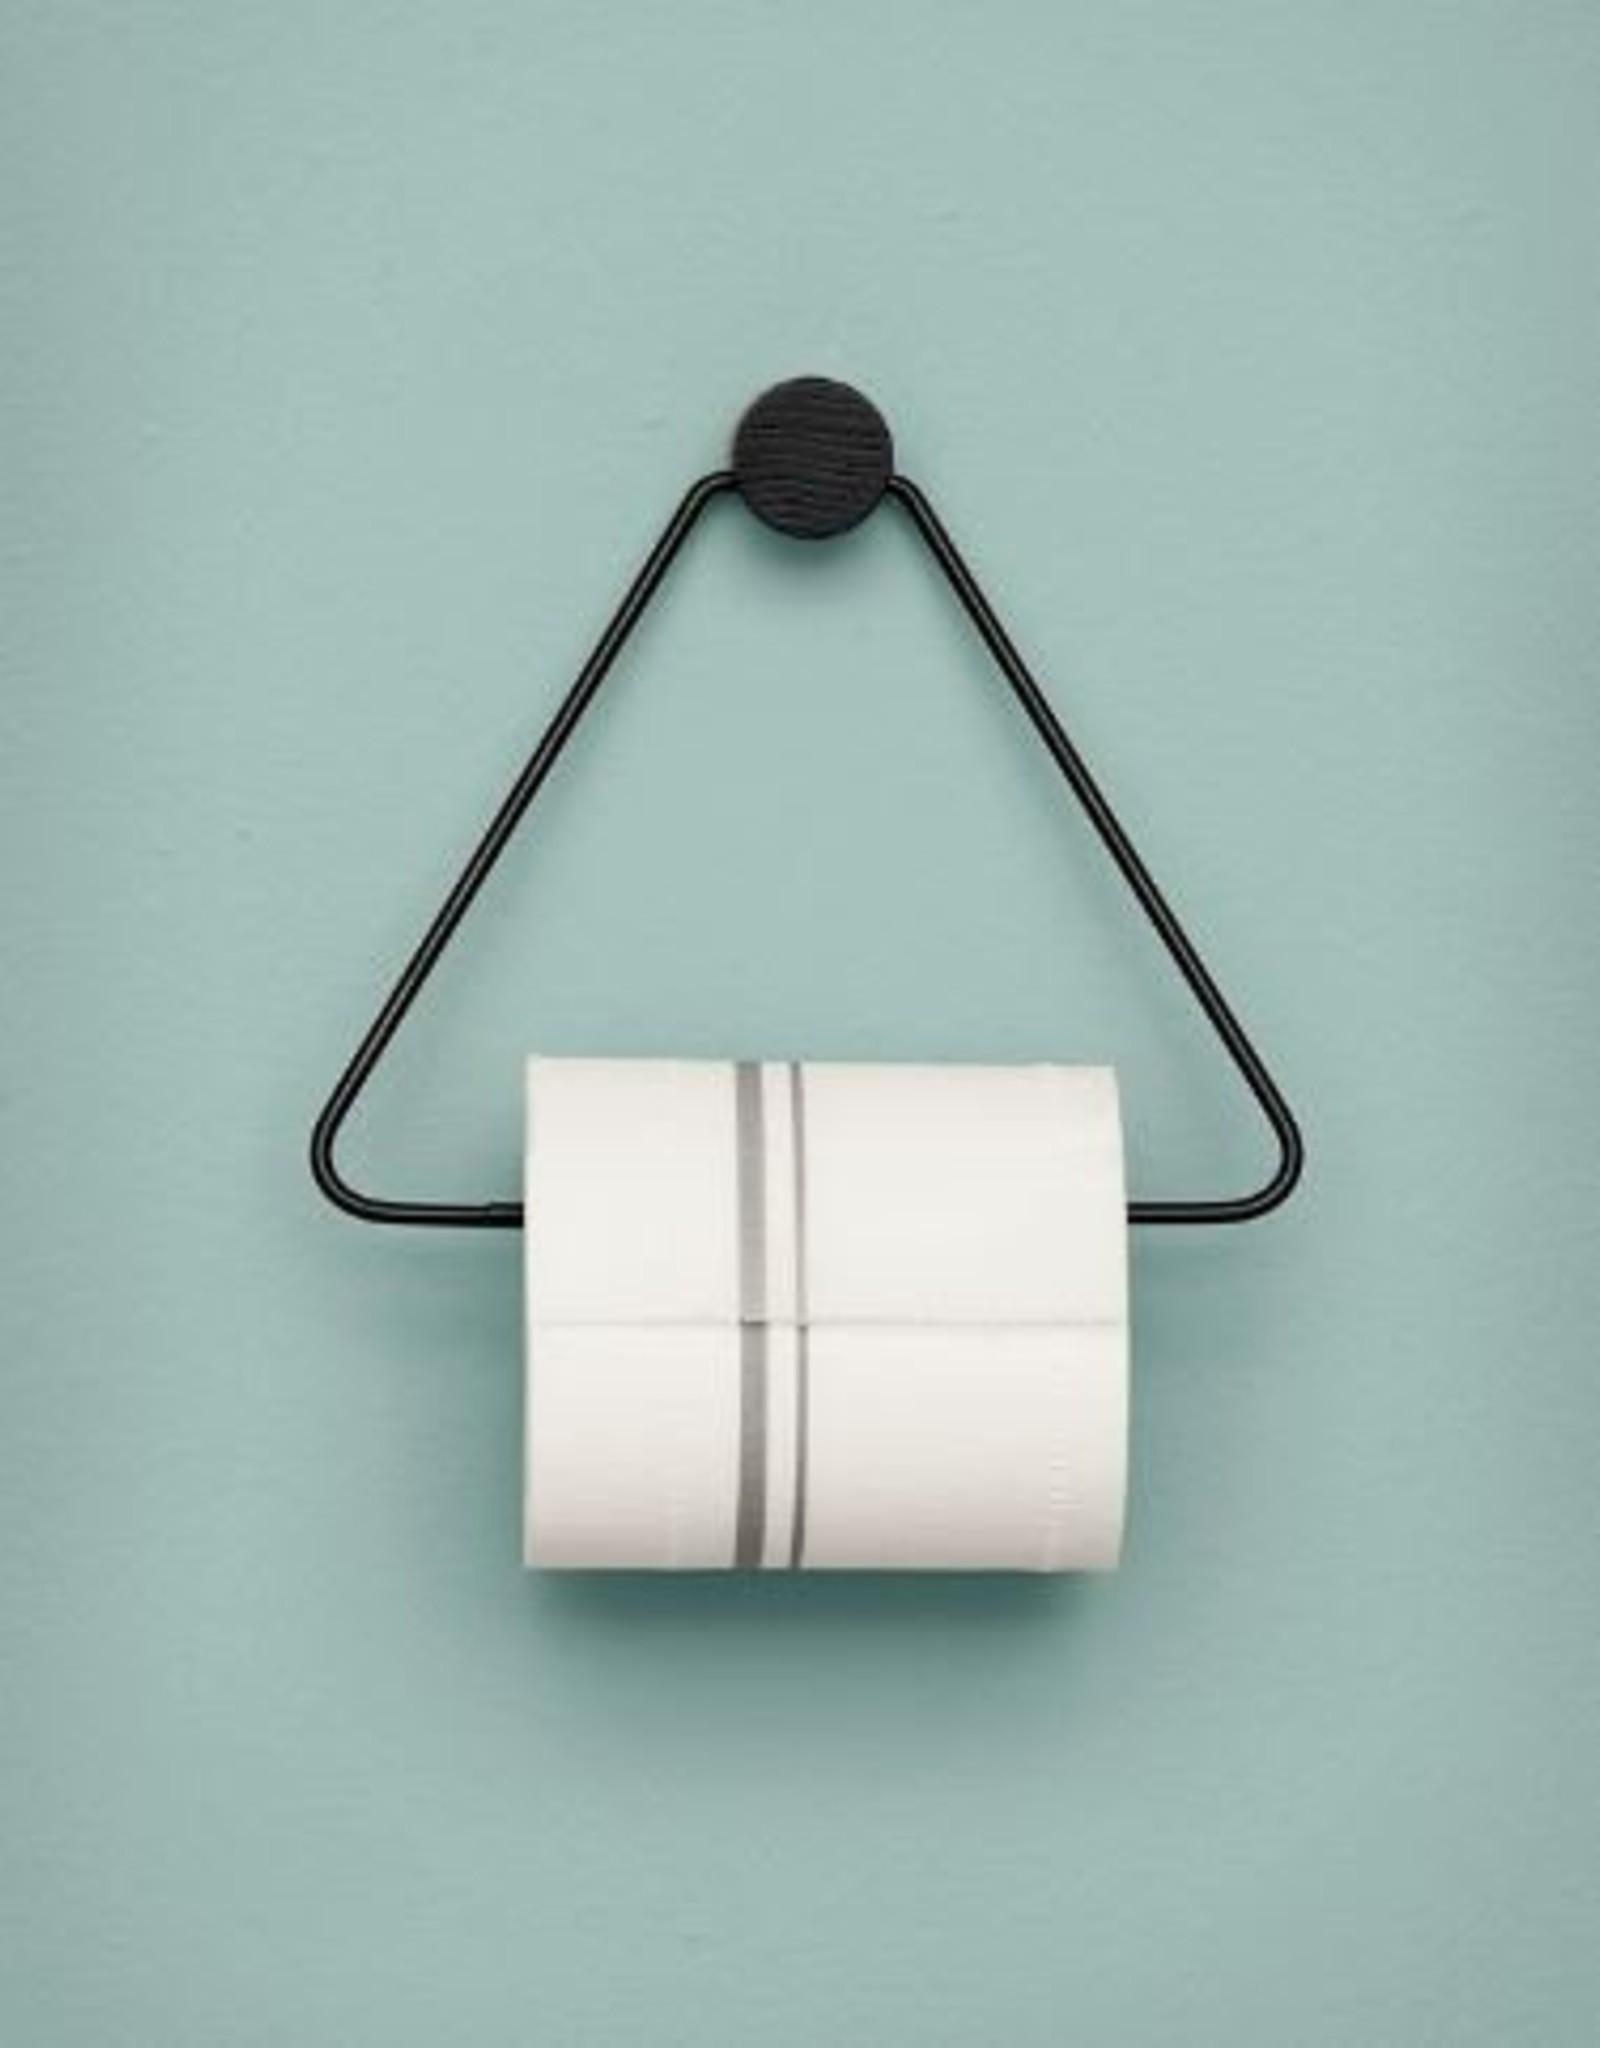 Ferm Living Toilet Paper Holder - Black